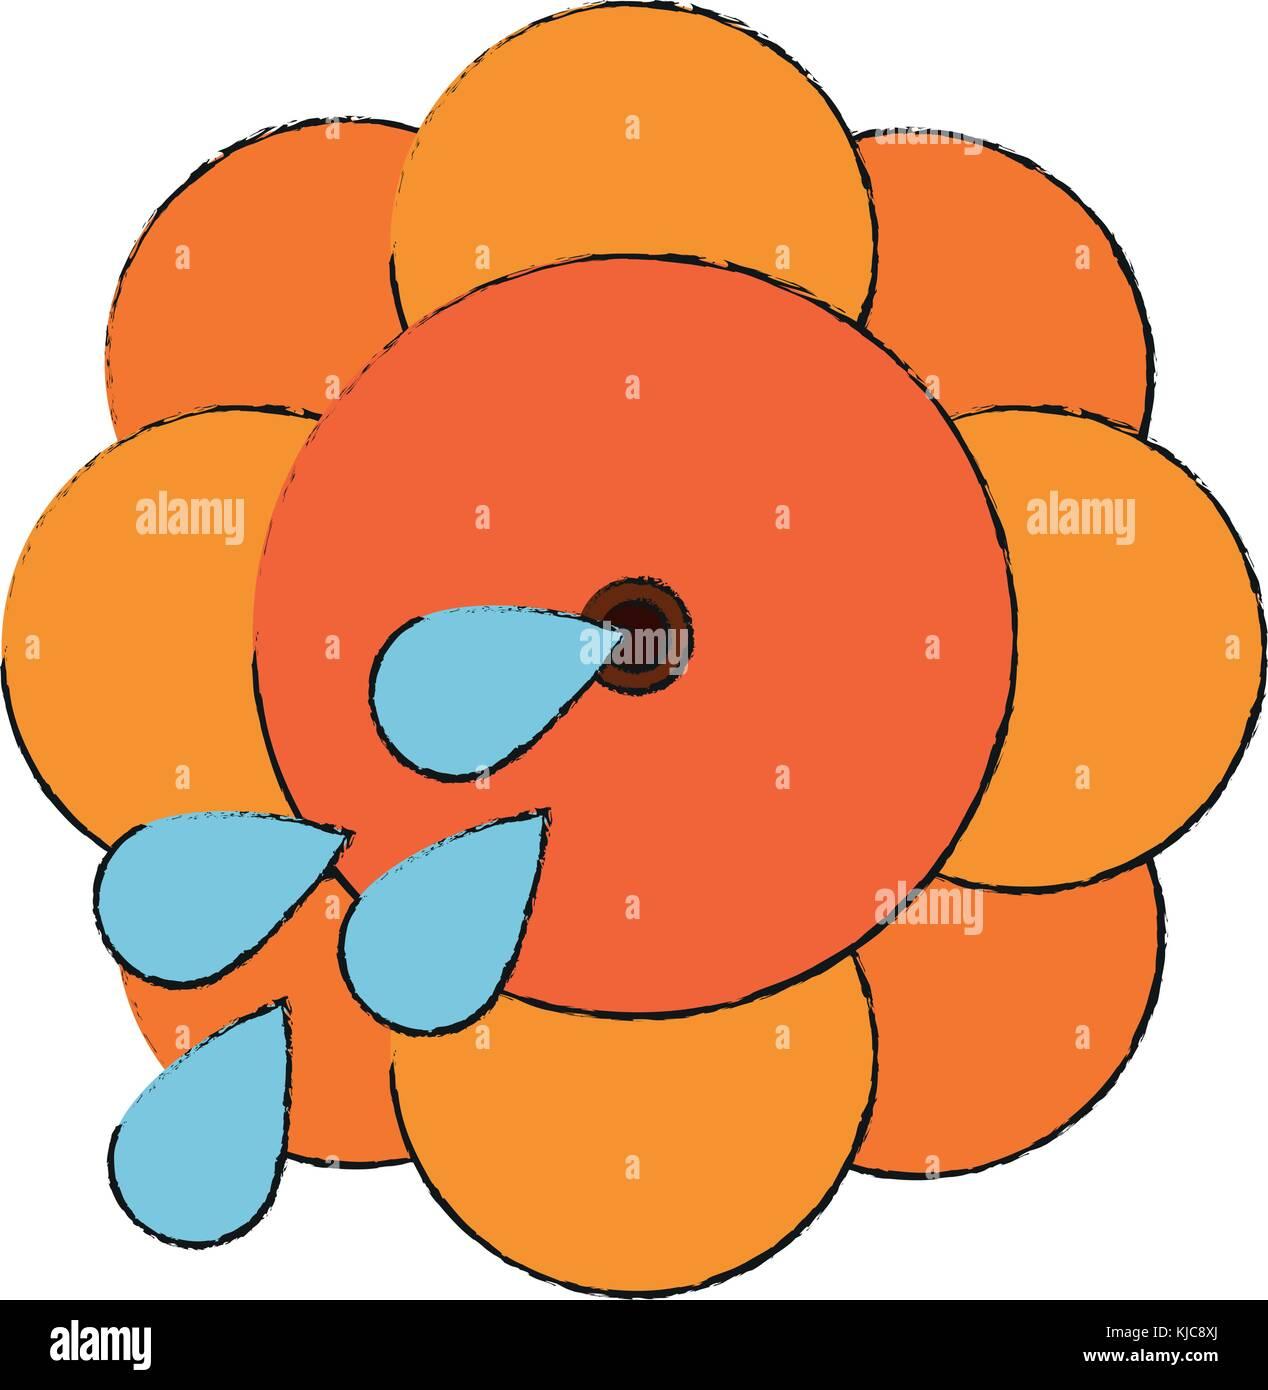 squirt flower joke - Stock Image